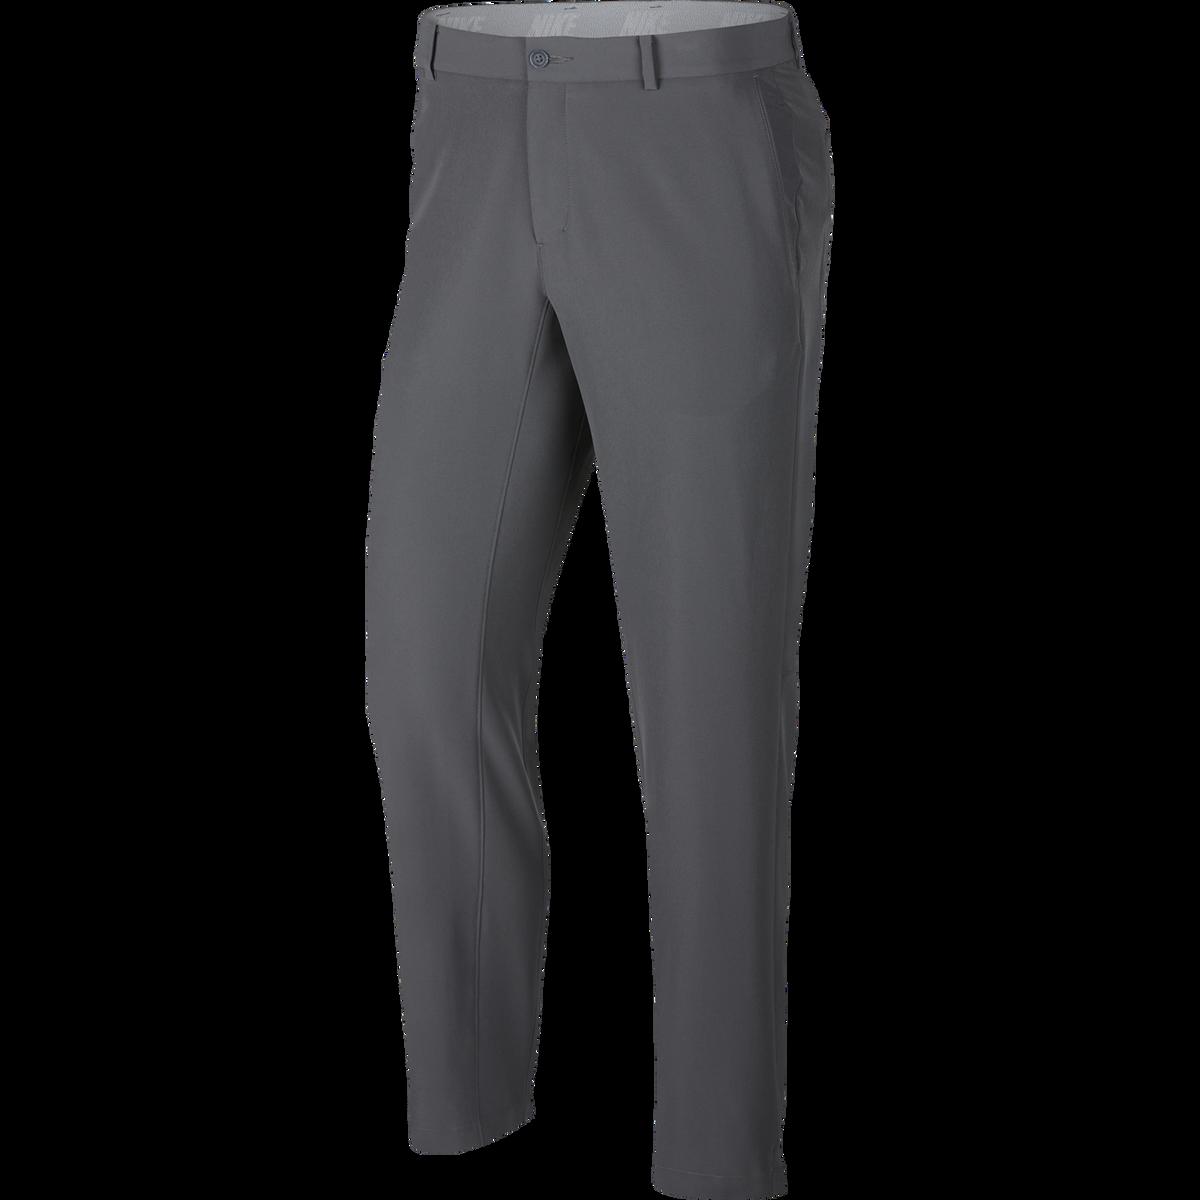 55d7dcc1 Nike Flex Hybrid Pant | PGA TOUR Superstore